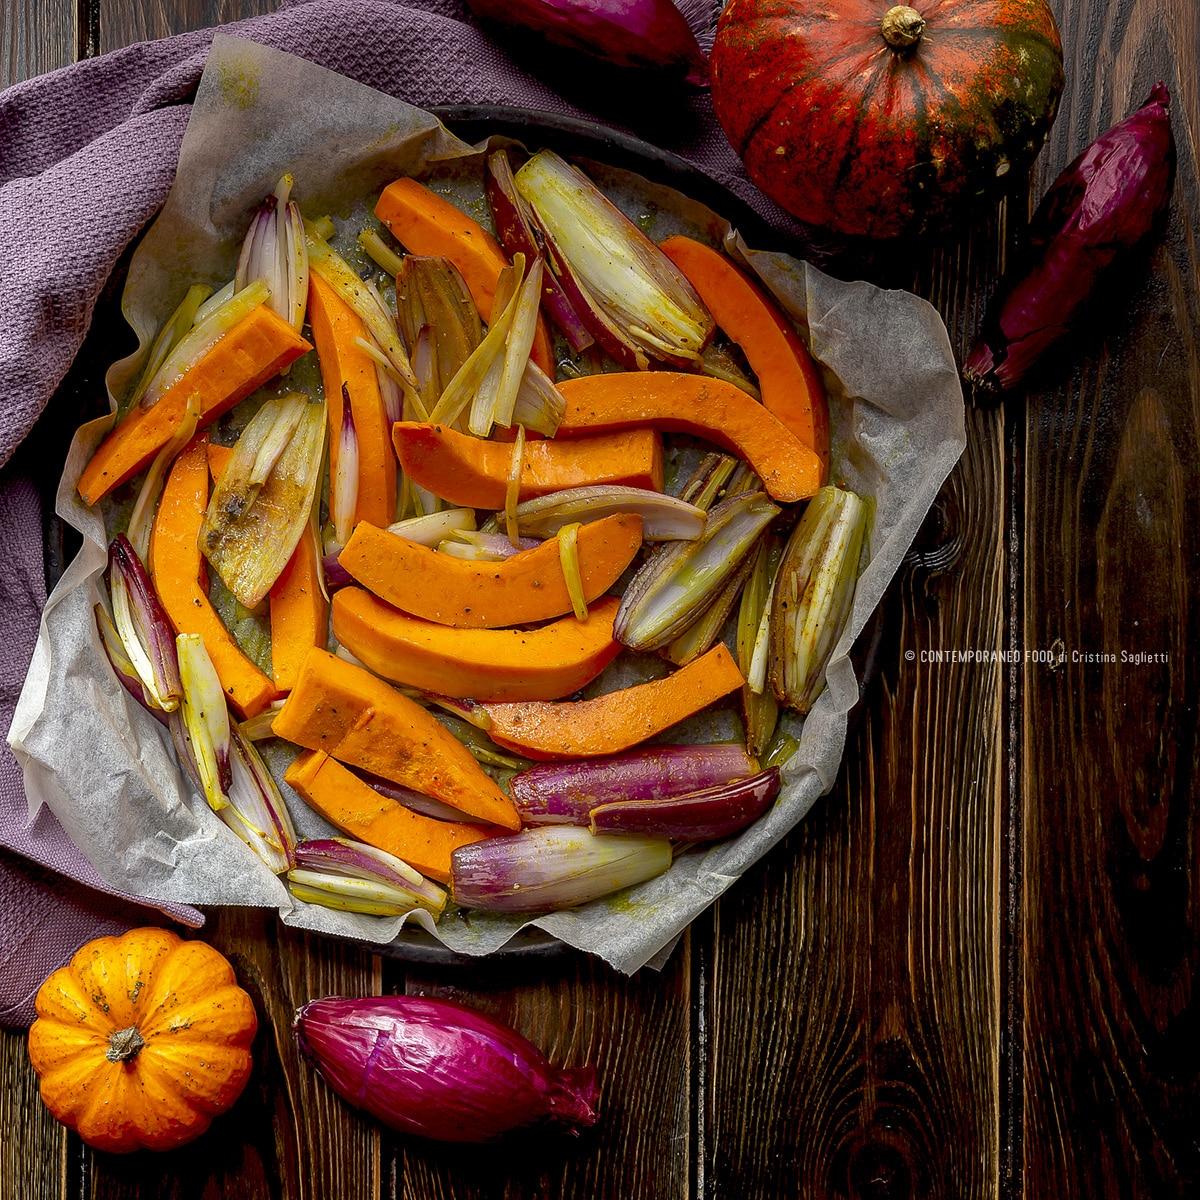 zucca-cipolle-rosse-di-tropea-al-forno-ricetta-light-dieta-ricetta facile-contemporaneo-food